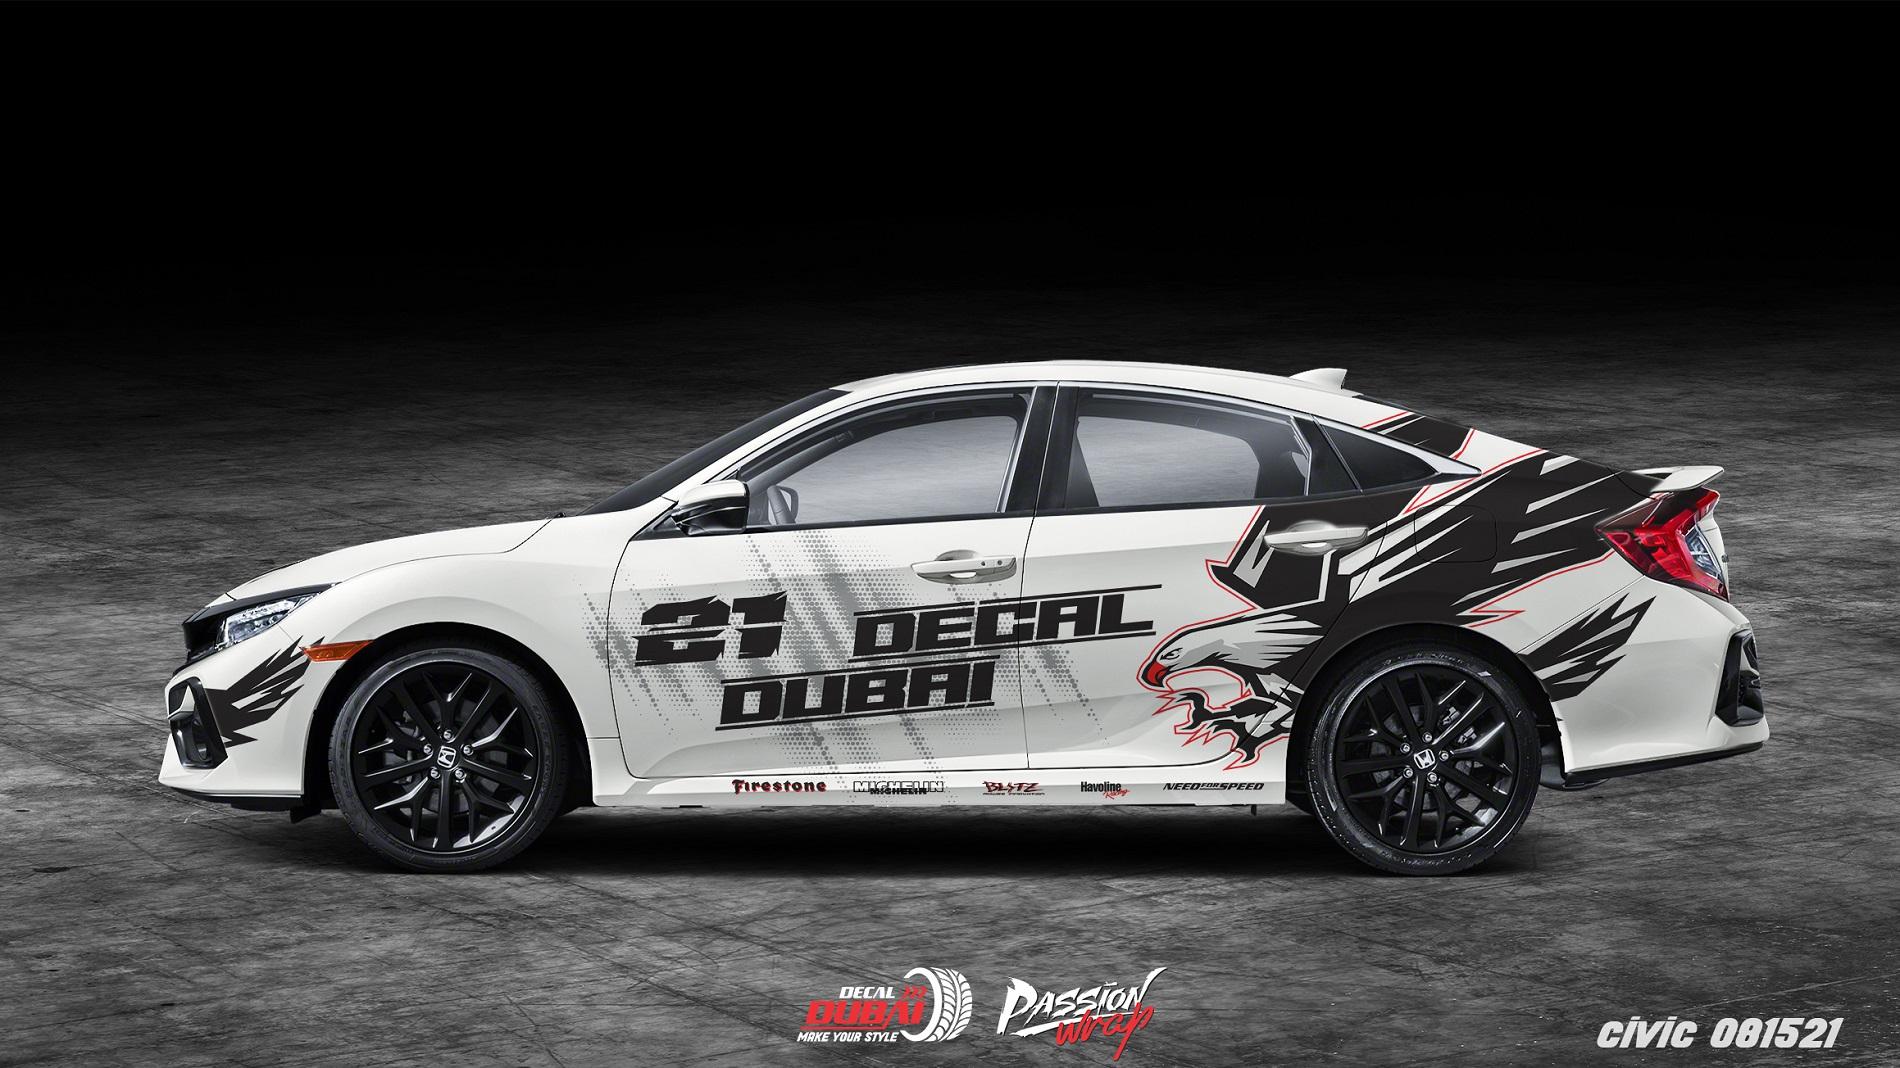 Tem-Xe-Honda-Civic-081521-1450k